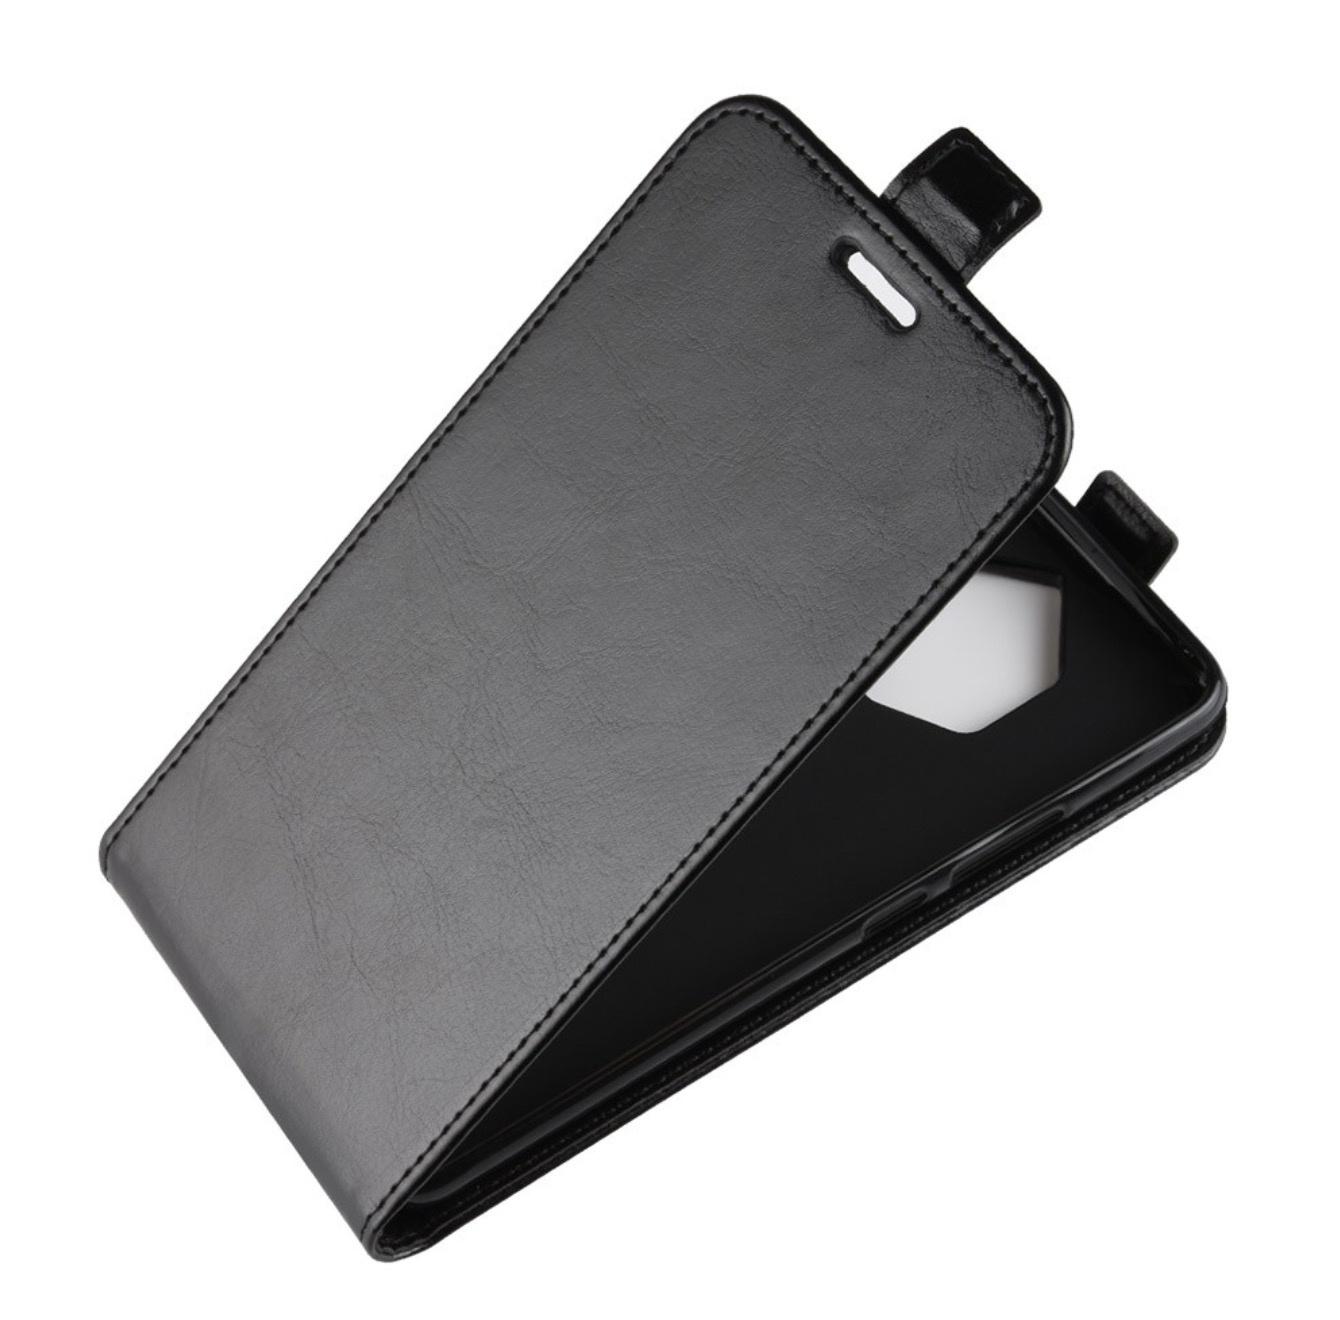 Фото - Чехол-флип MyPads для Motorola Moto E4 Plus (XT1773) вертикальный откидной черный чехол флип кейс motorola flip cover для motorola moto e черный [pg38c01793]